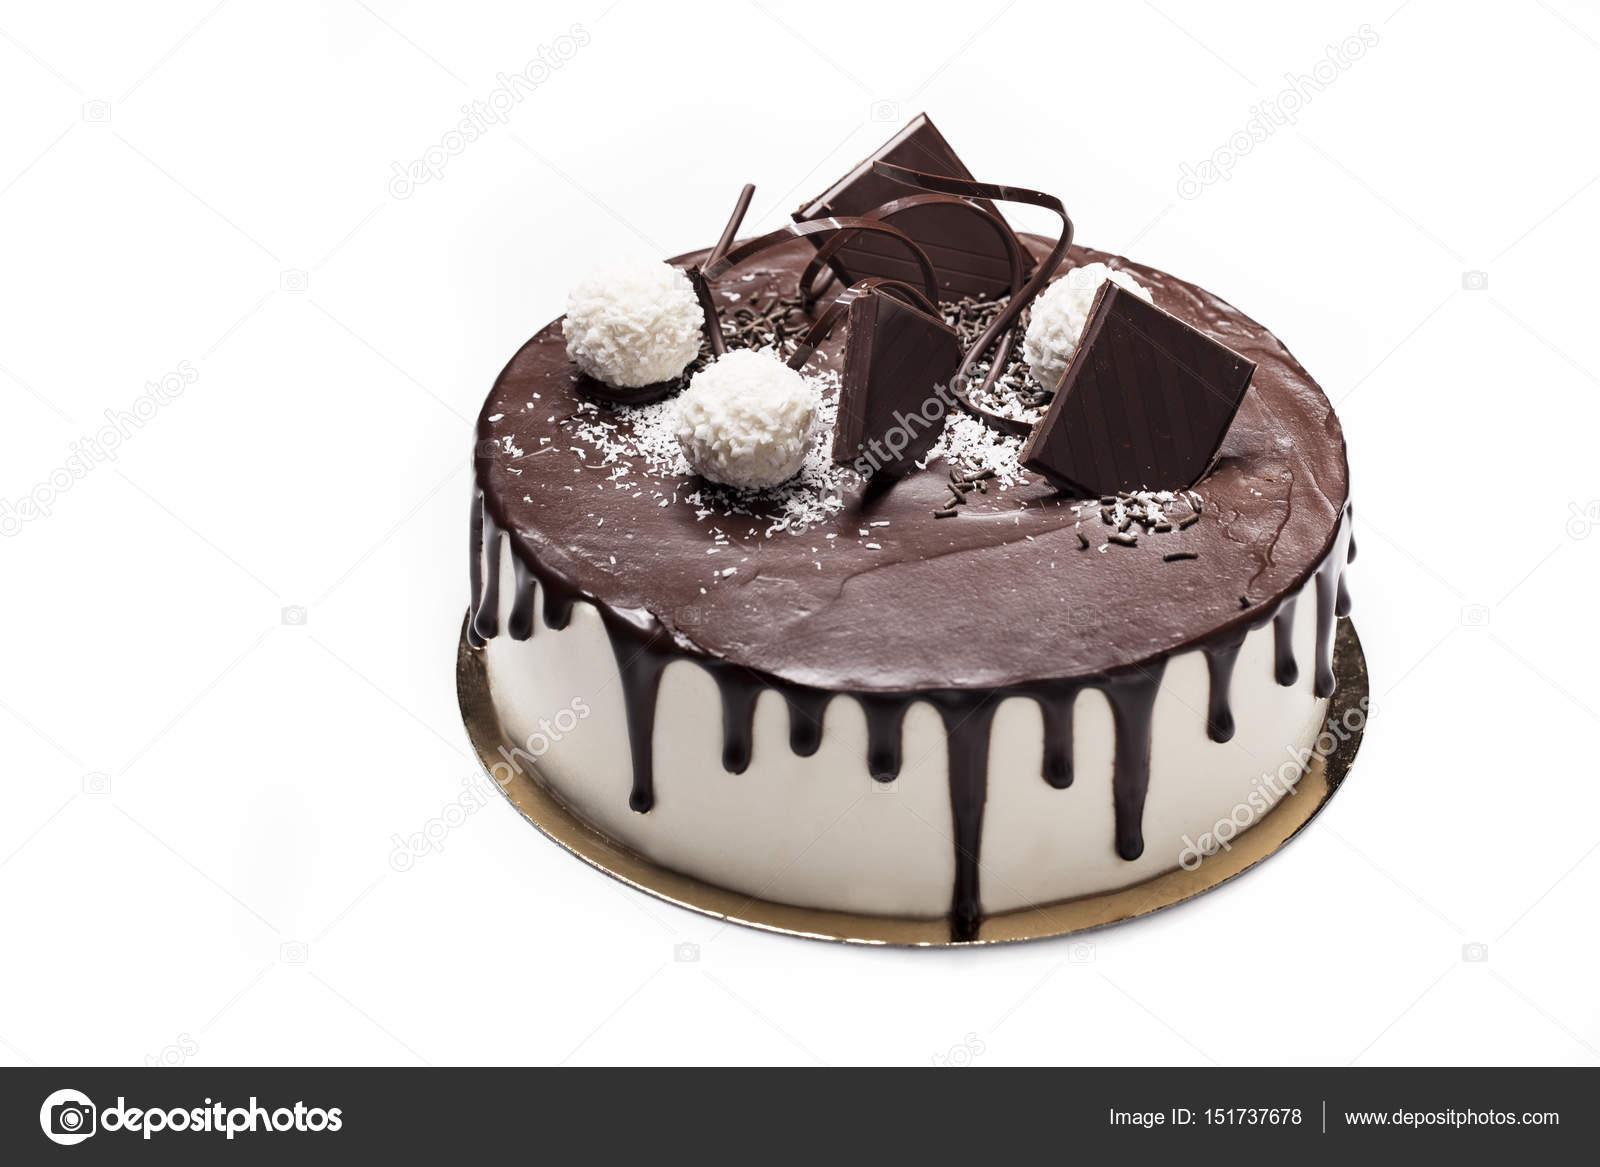 Bianco torta ricoperta di glassa al cioccolato decorato - Decorazioni torte con glassa ...